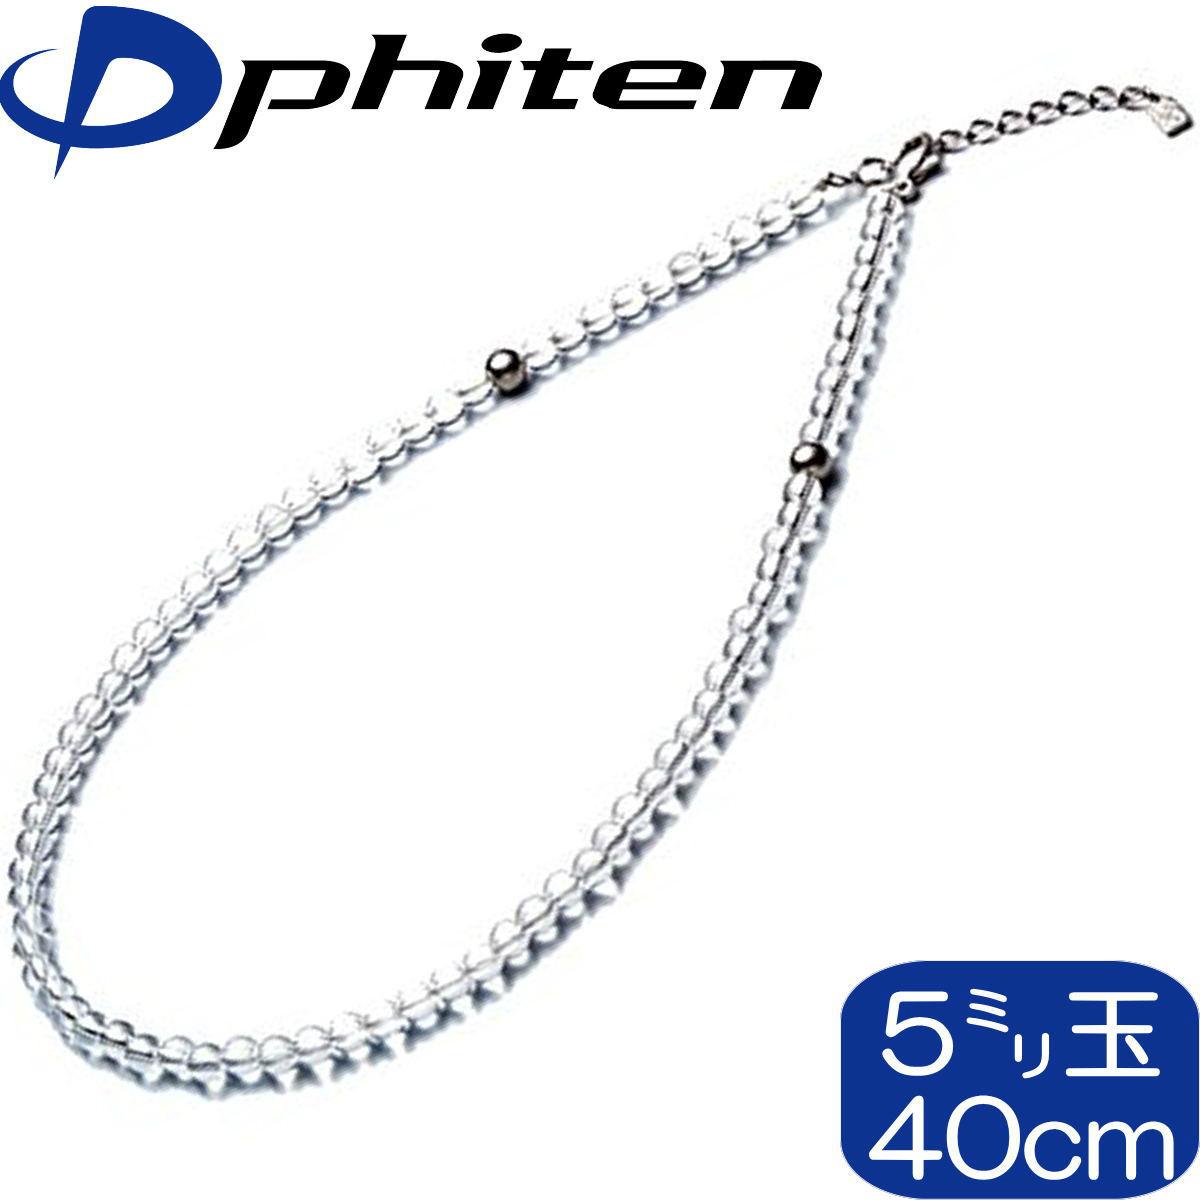 【正規品】 Phiten | 水晶ネックレス (+5cmアジャスター) | 5mm玉 40cm | 日本製 | 0515AQ808051 | ファイテン